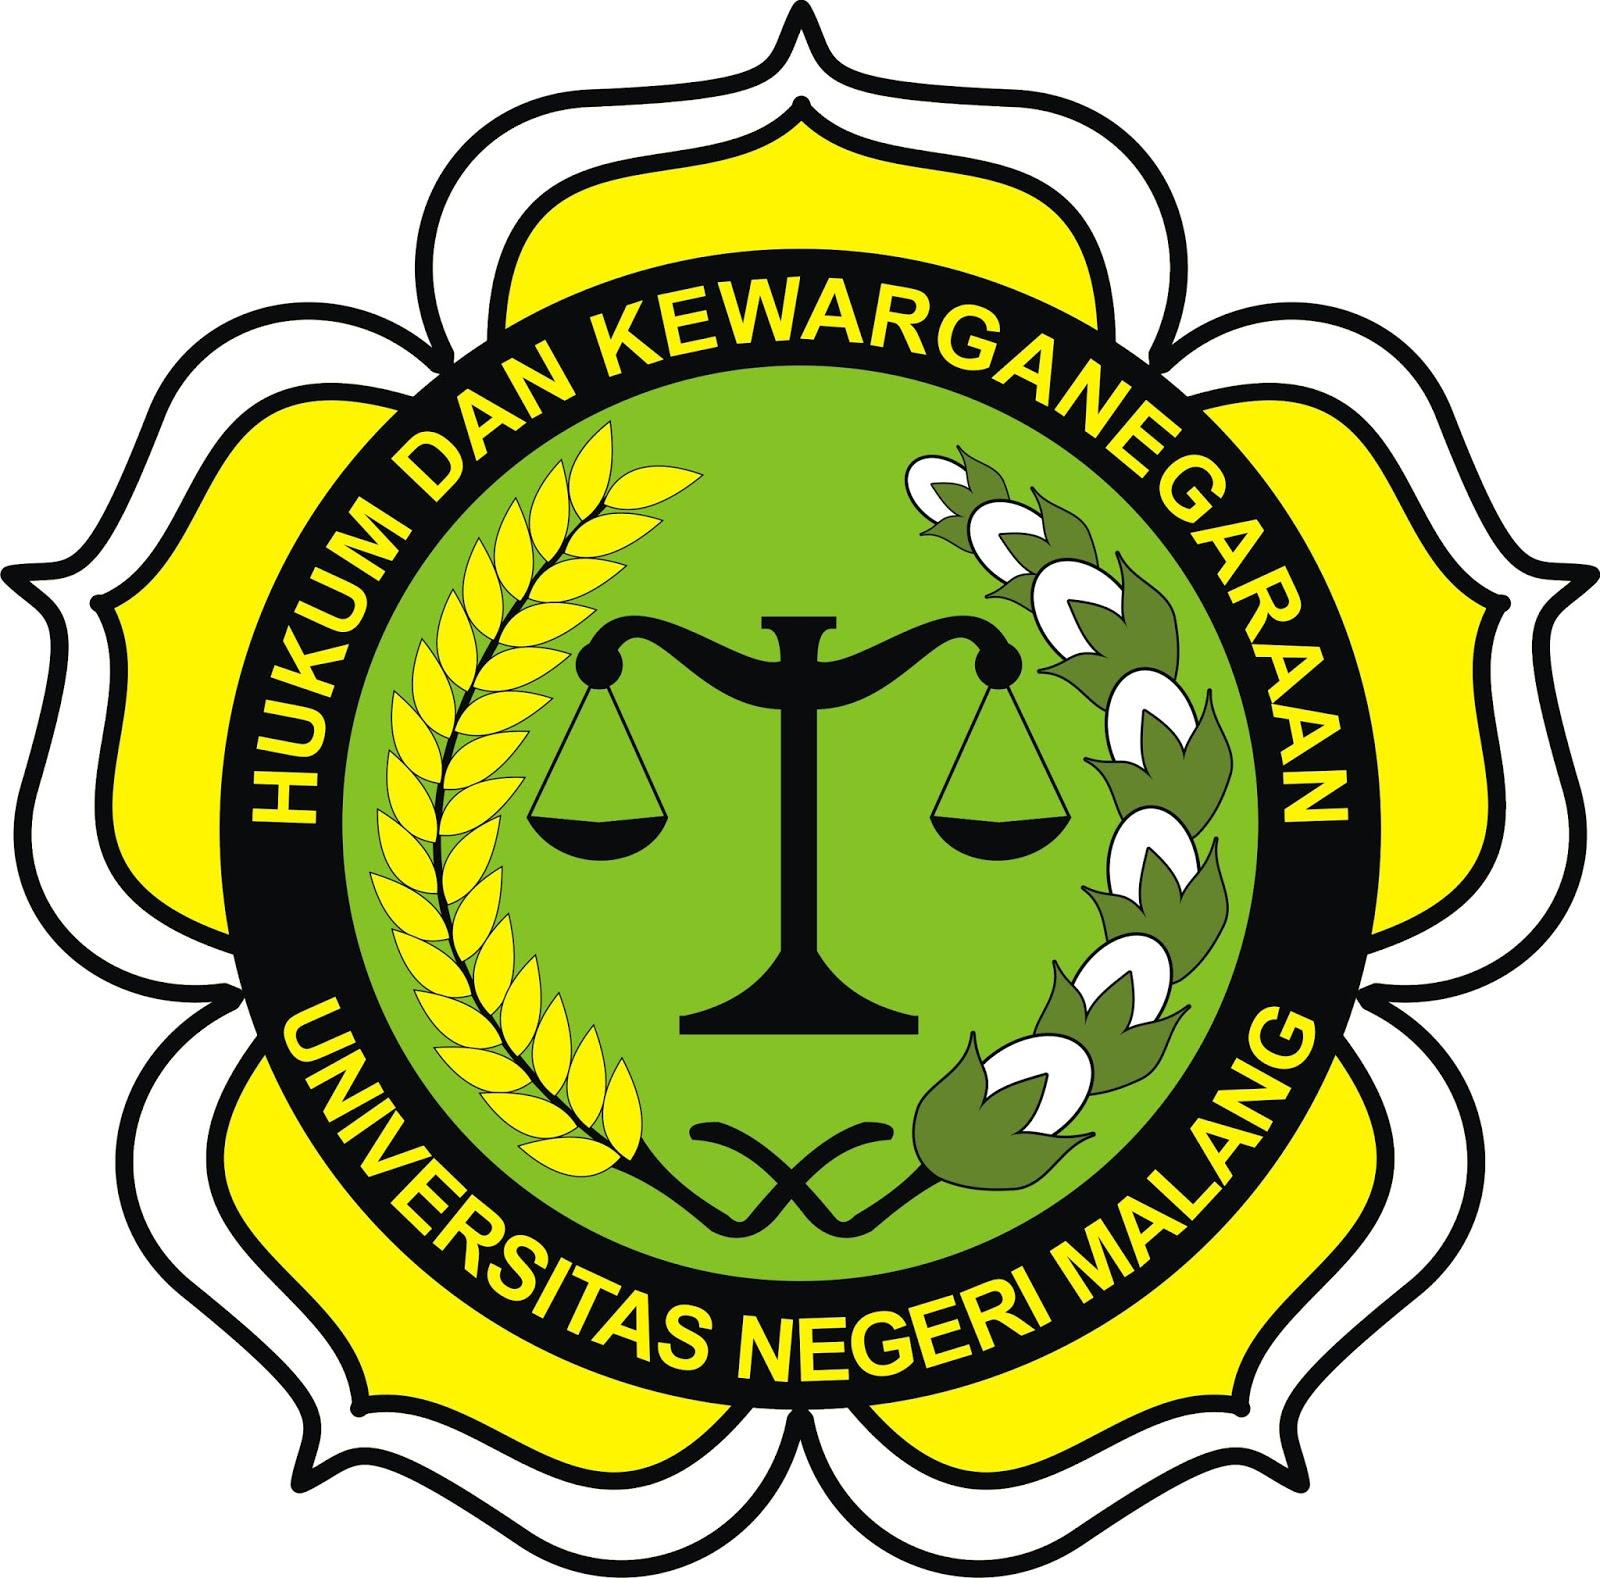 Ilham Sumarga Hukum Dan Kewarganegaraan Universitas Negeri Malang